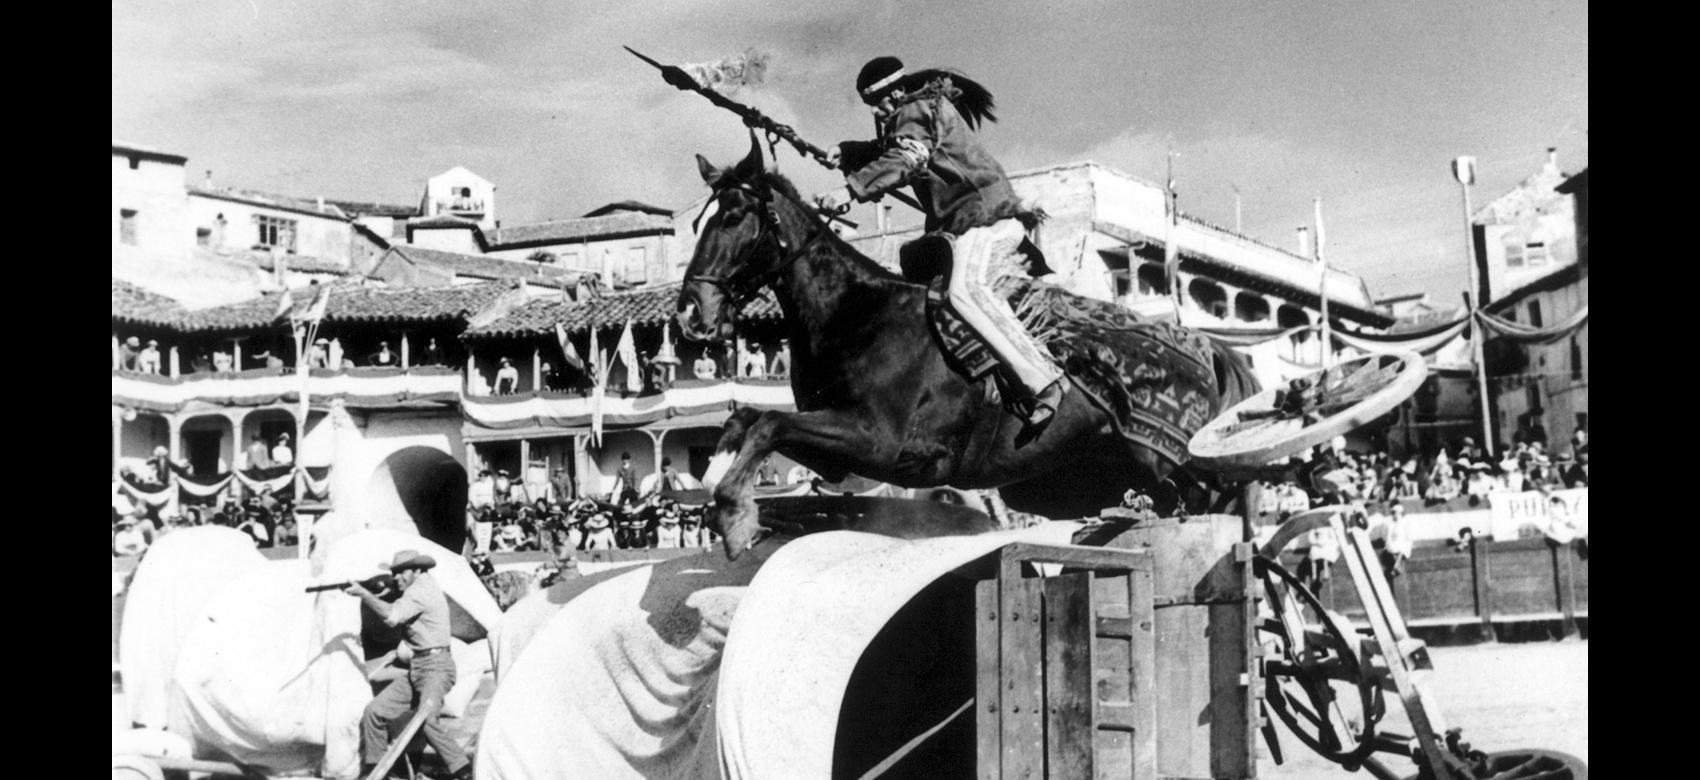 Fotograma de un indio saltando a caballo en una plaza